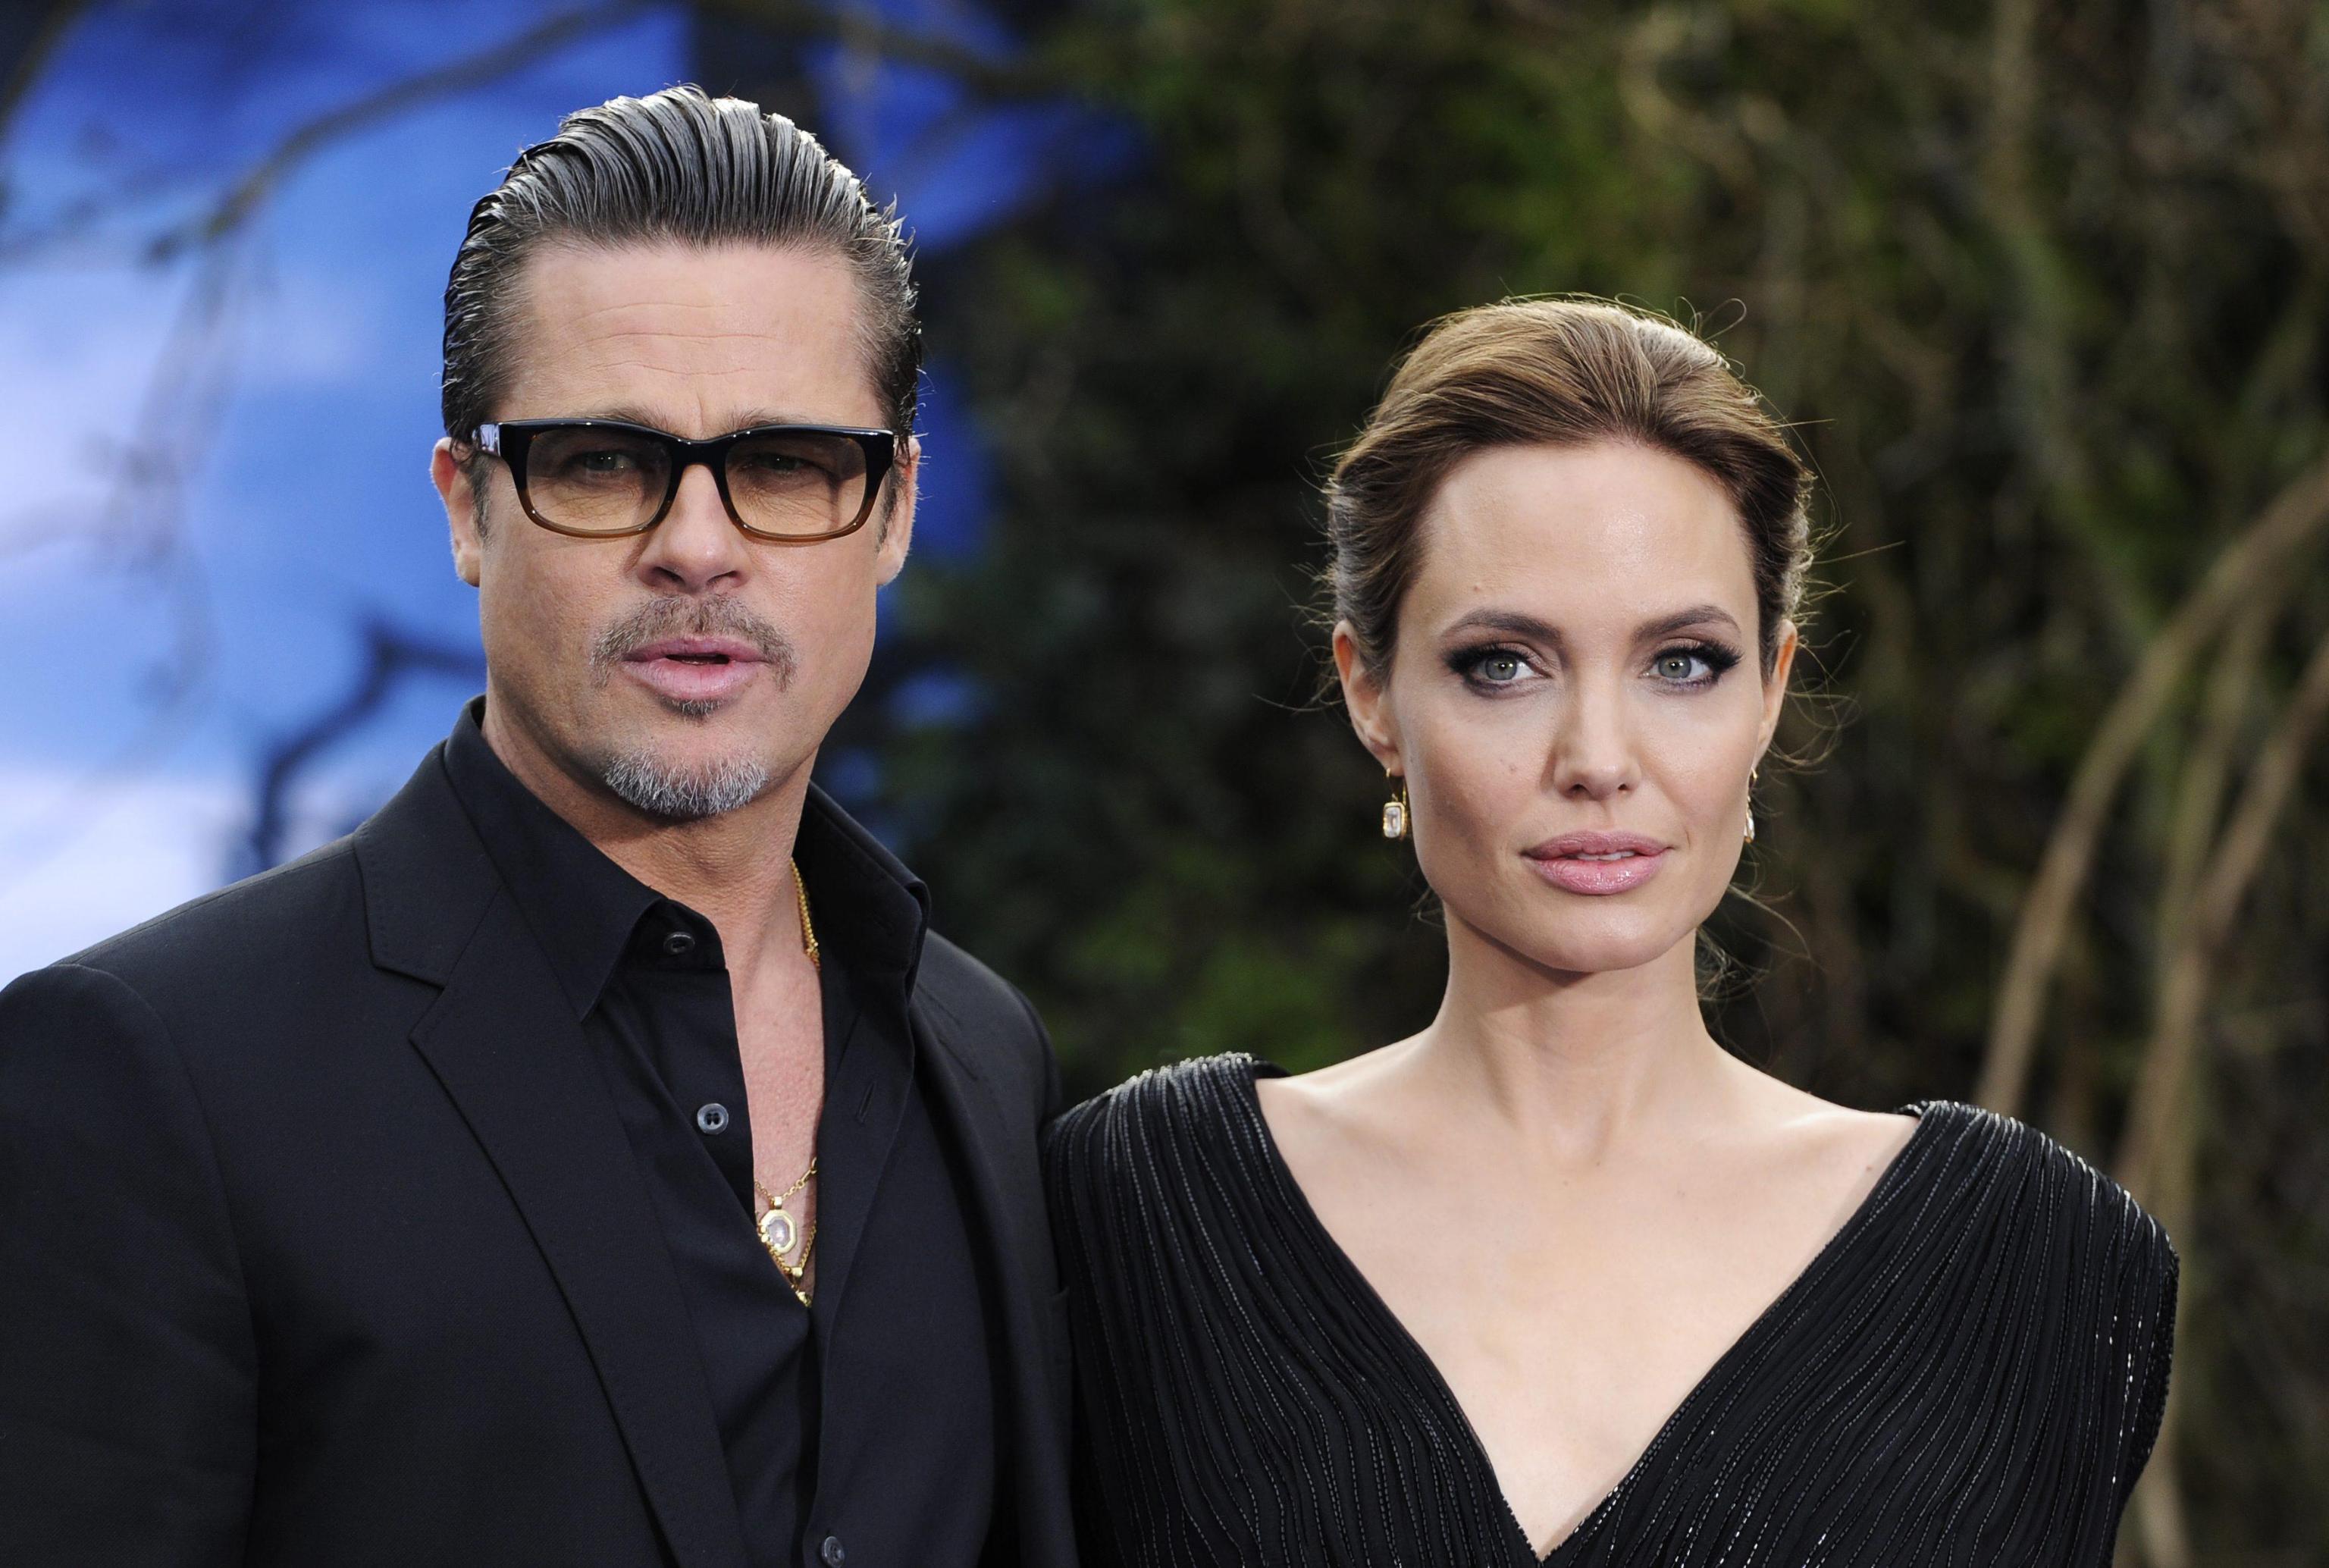 La madre di Brad Pitt attacca Angelina Jolie: 'Ha rovinato mio figlio'